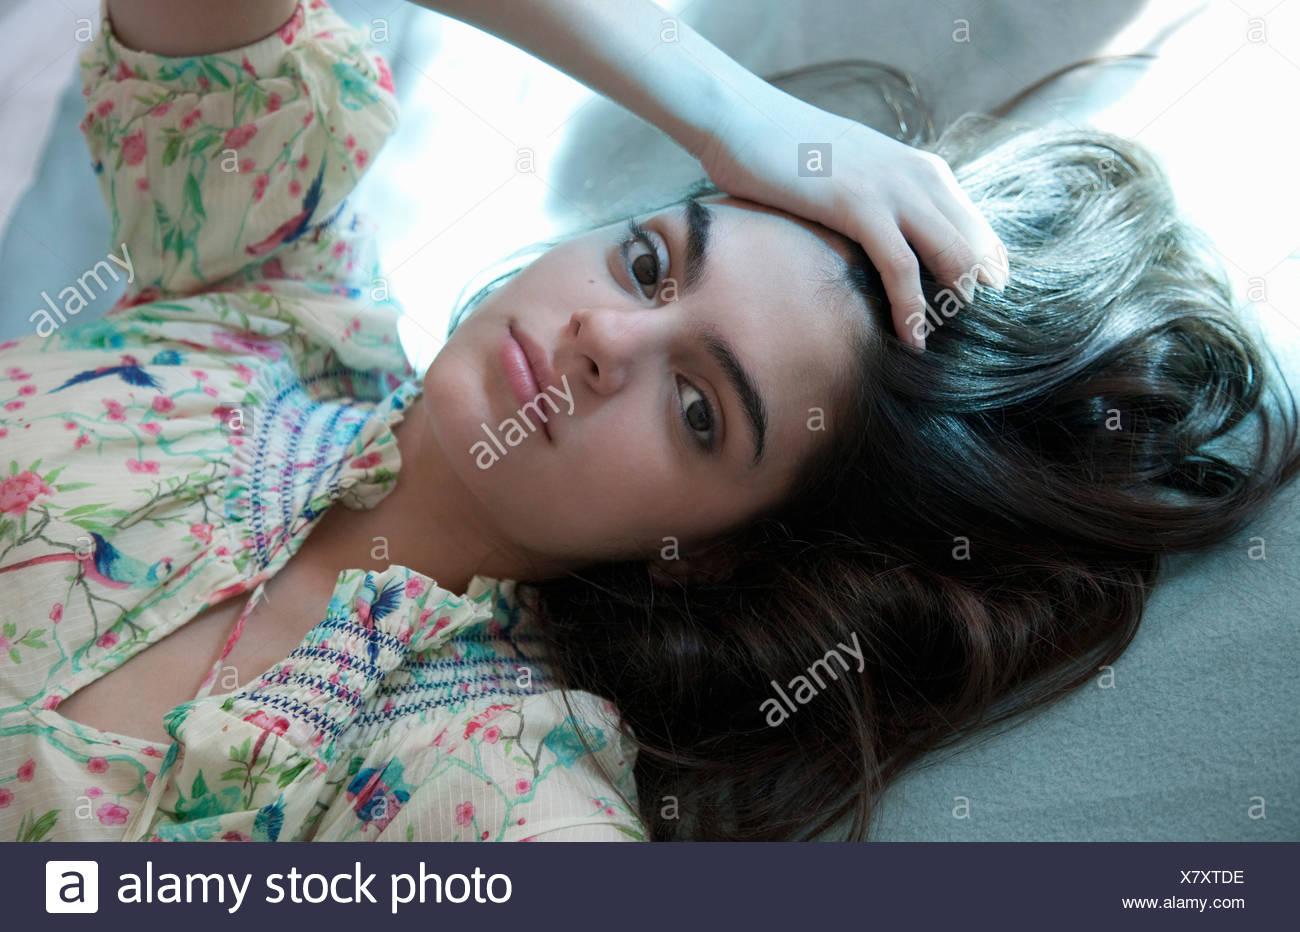 Porträt der jungen Frau im sommerlichen Kleid Stockfoto